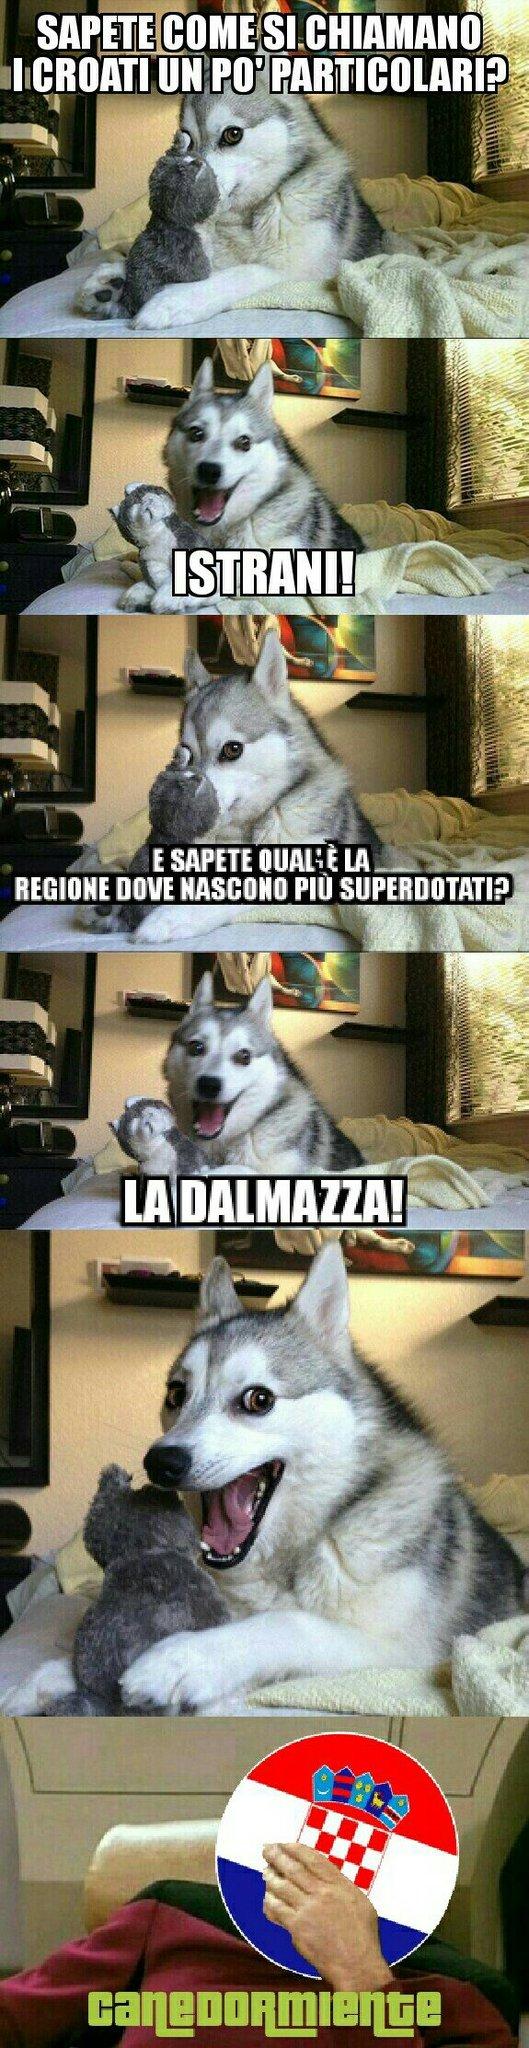 Istriani= istrani dalmazia= dalmazza. Poveri croati. :c - meme